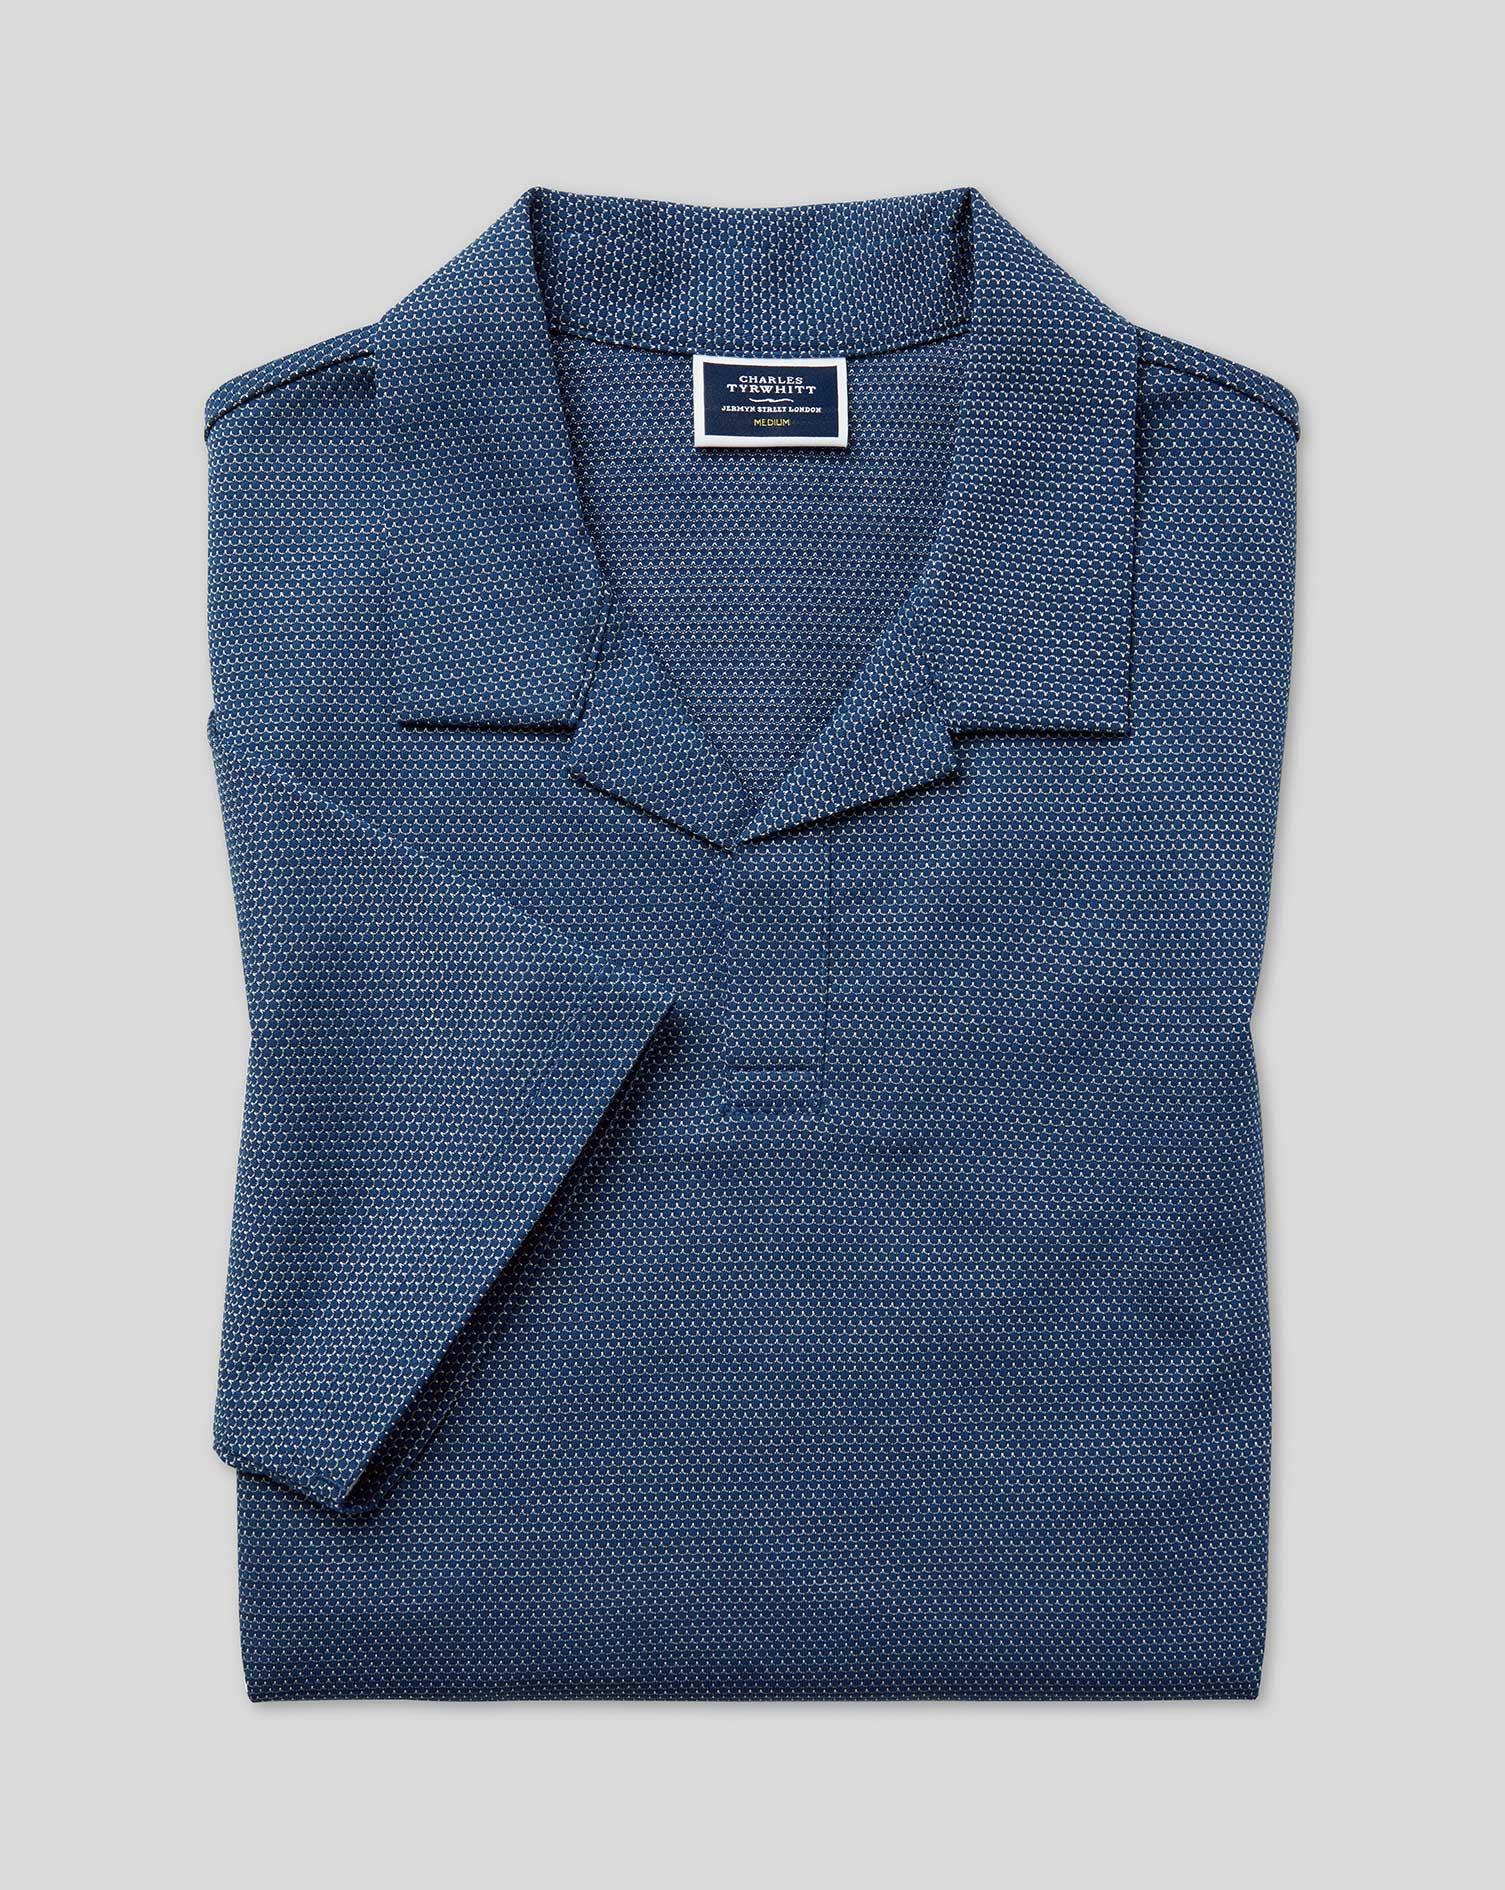 Polo En Tissu Tyrwhitt Cool À Col Resort - Bleu - XXXL par Charles Tyrwhitt